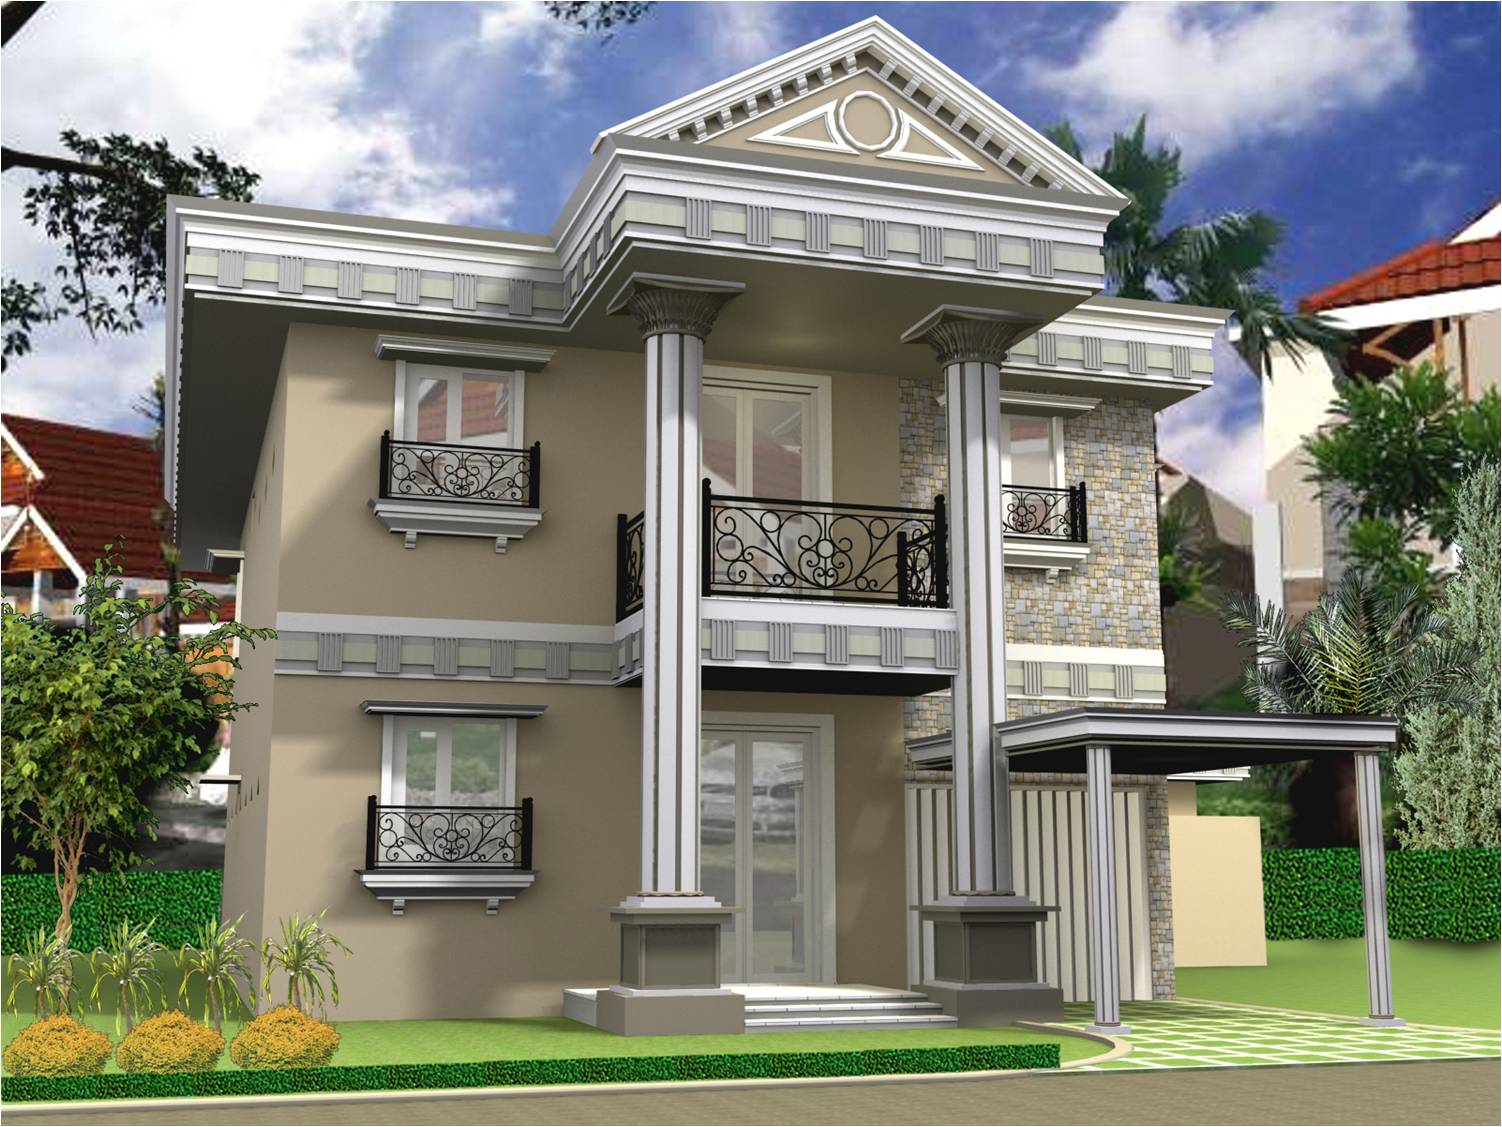 rumah minimalis 2 lantai terbaru contoh model rumah minimalis 2 lantai   Contoh Rumah Minimalis